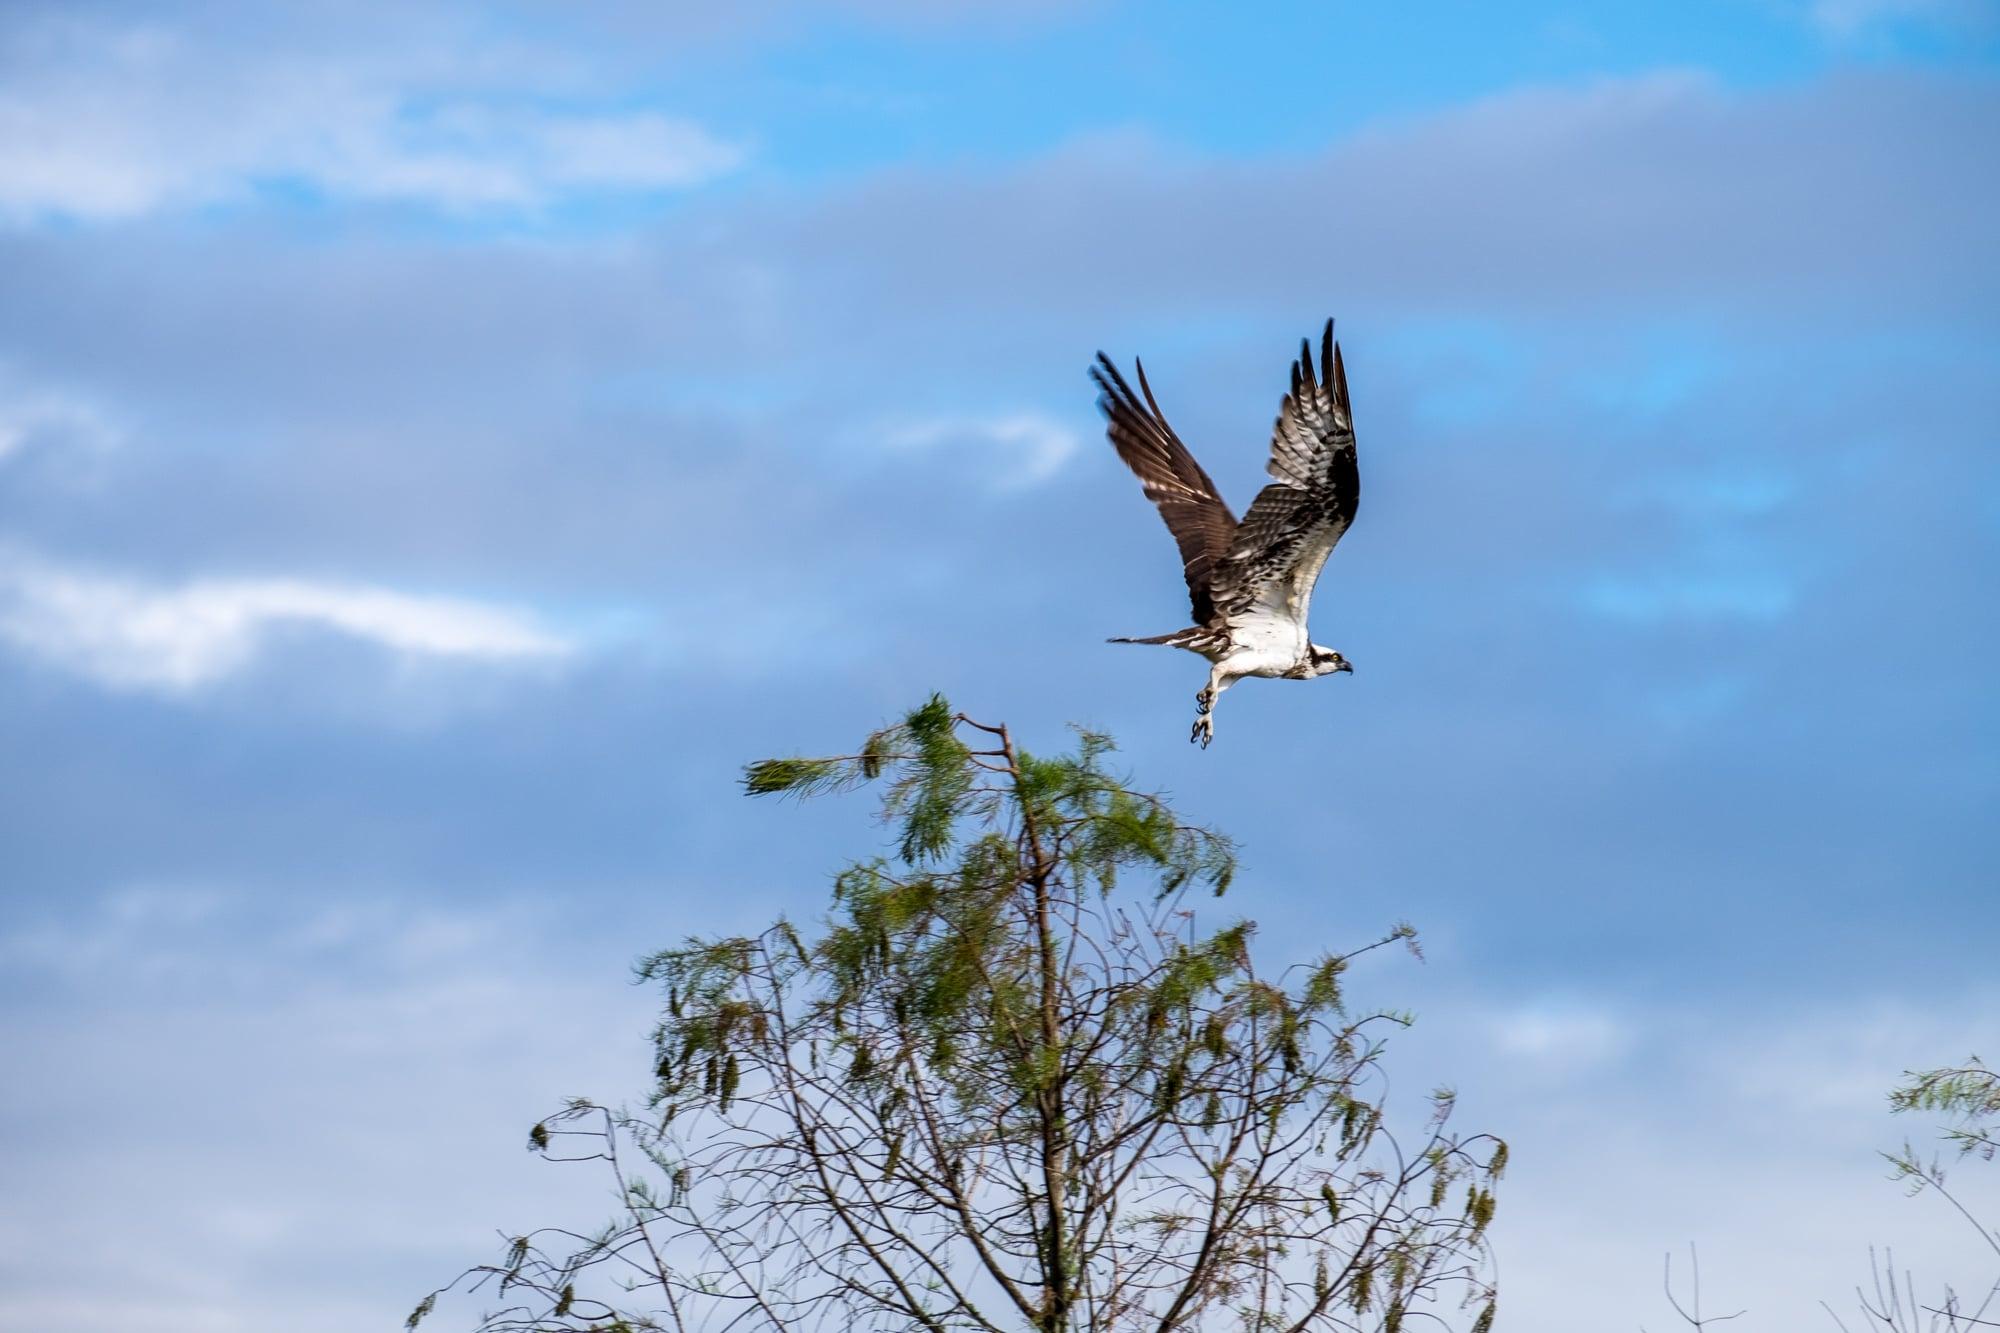 An osprey (Seahawk) in flight. Cacaw!